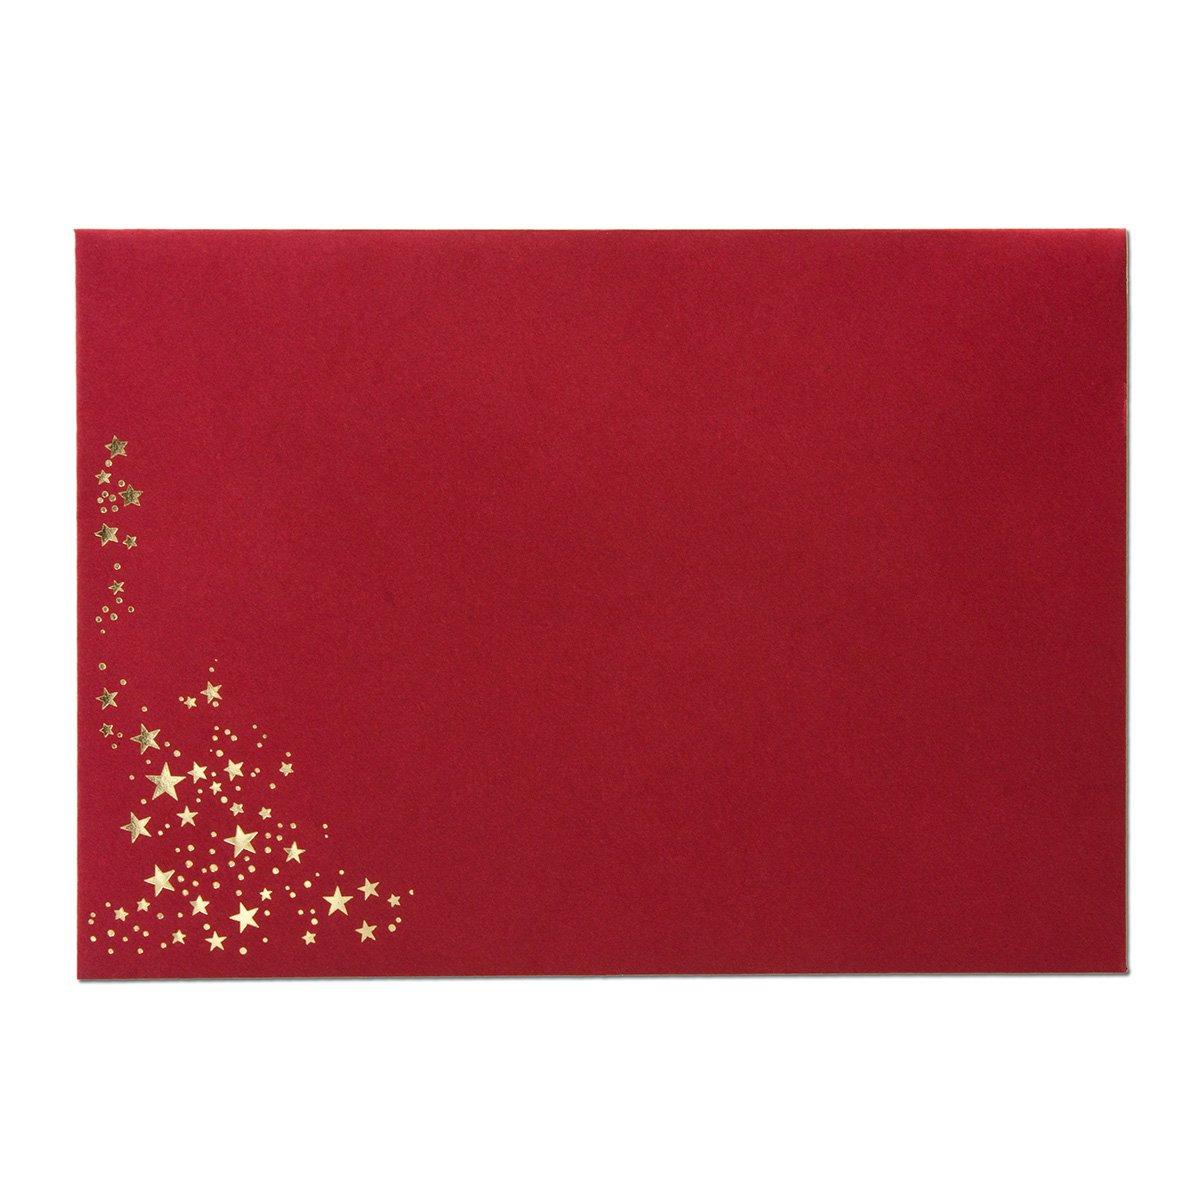 500x 500x 500x Weihnachts-Briefumschläge   DIN C5   mit Gold-Metallic geprägtem Sternenregen, festlich matter Umschlag in Sandbraun   Nassklebung, 120 g m²   157 x 225 mm   Marke  GUSTAV NEUSER® B01JJ766I4 | 2019  | Online Store  | Genial  68a4b3